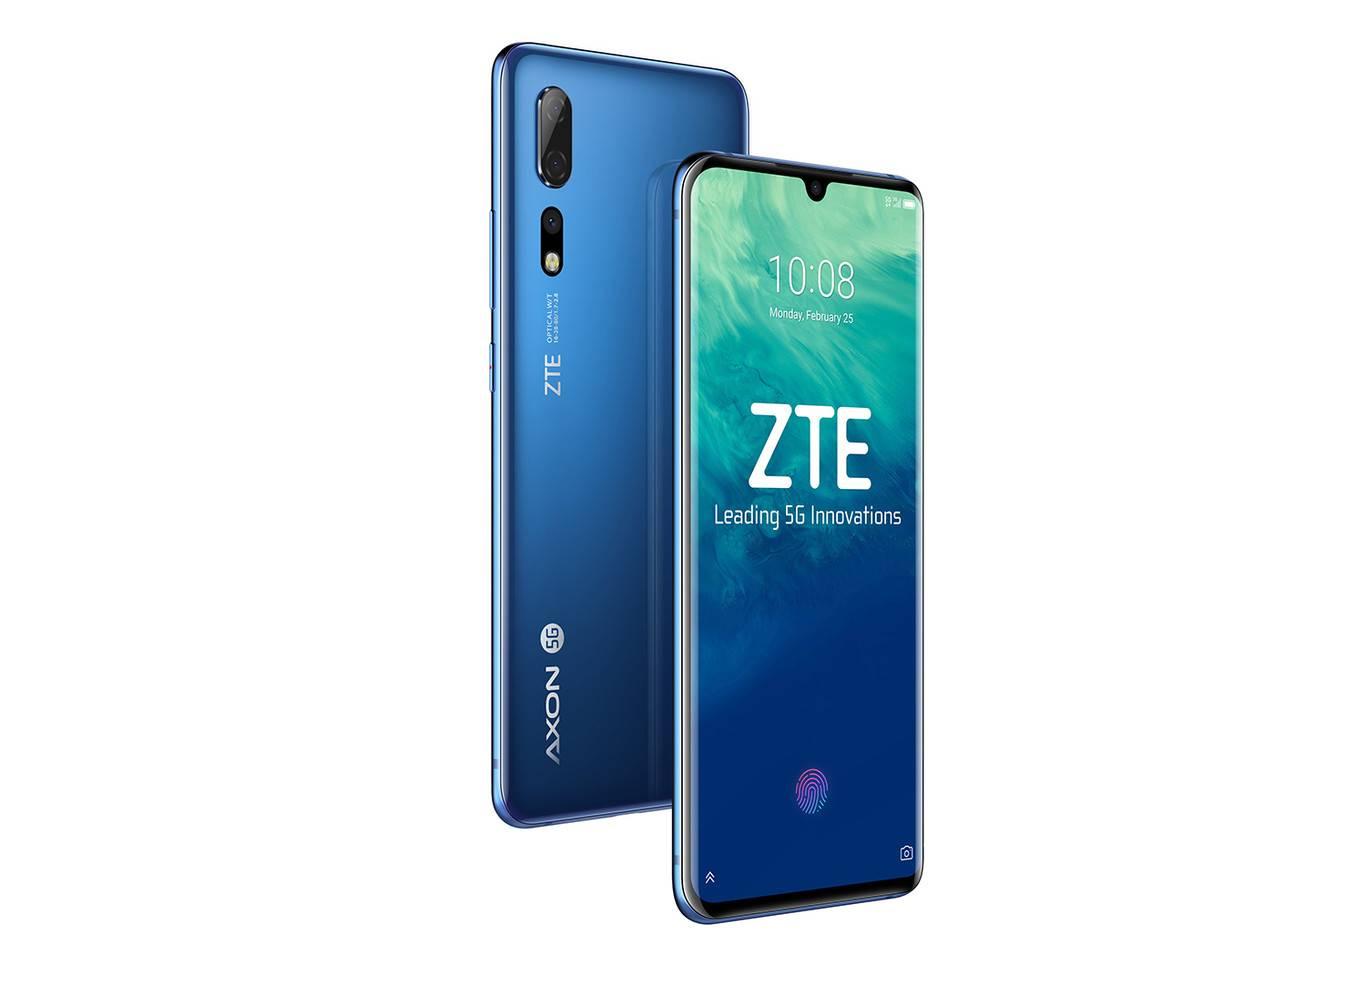 ZTE lanza de forma oficial el primer teléfono 5G en China